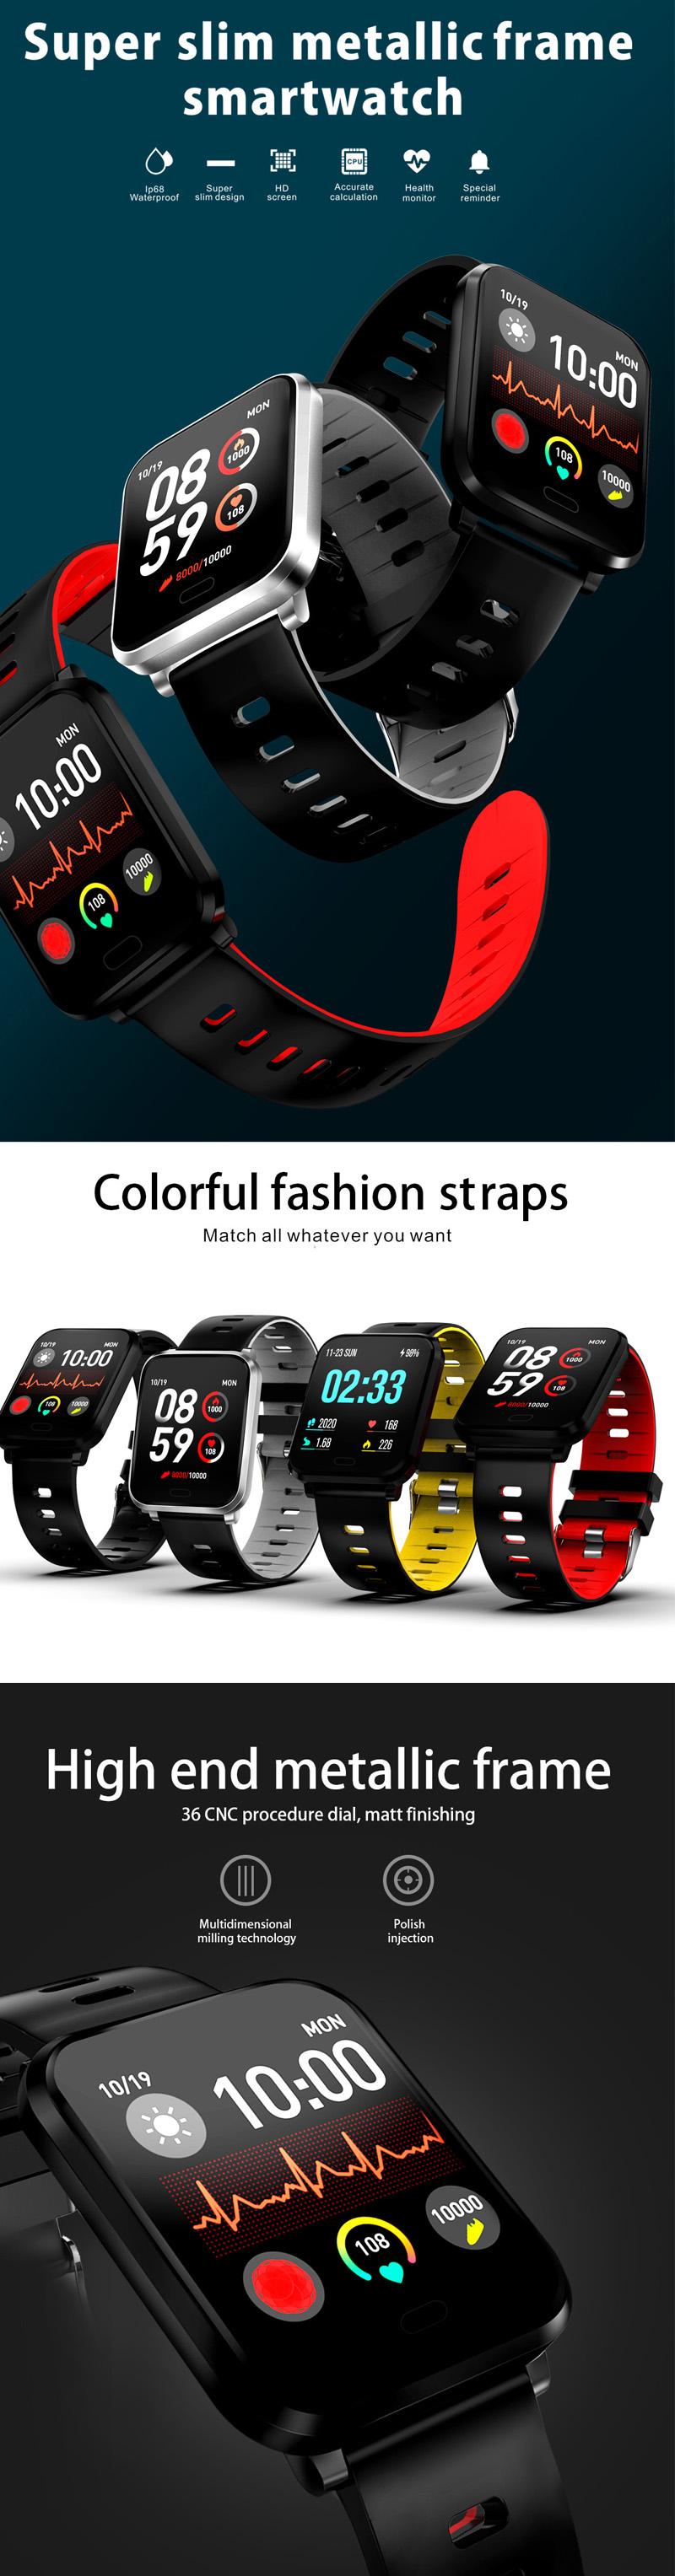 XANESK101,3-дюймовыйцветнойсенсорныйэкран Водонепроницаемы Smart Watch Несколько спортивных браслет Фитнес - фото 1